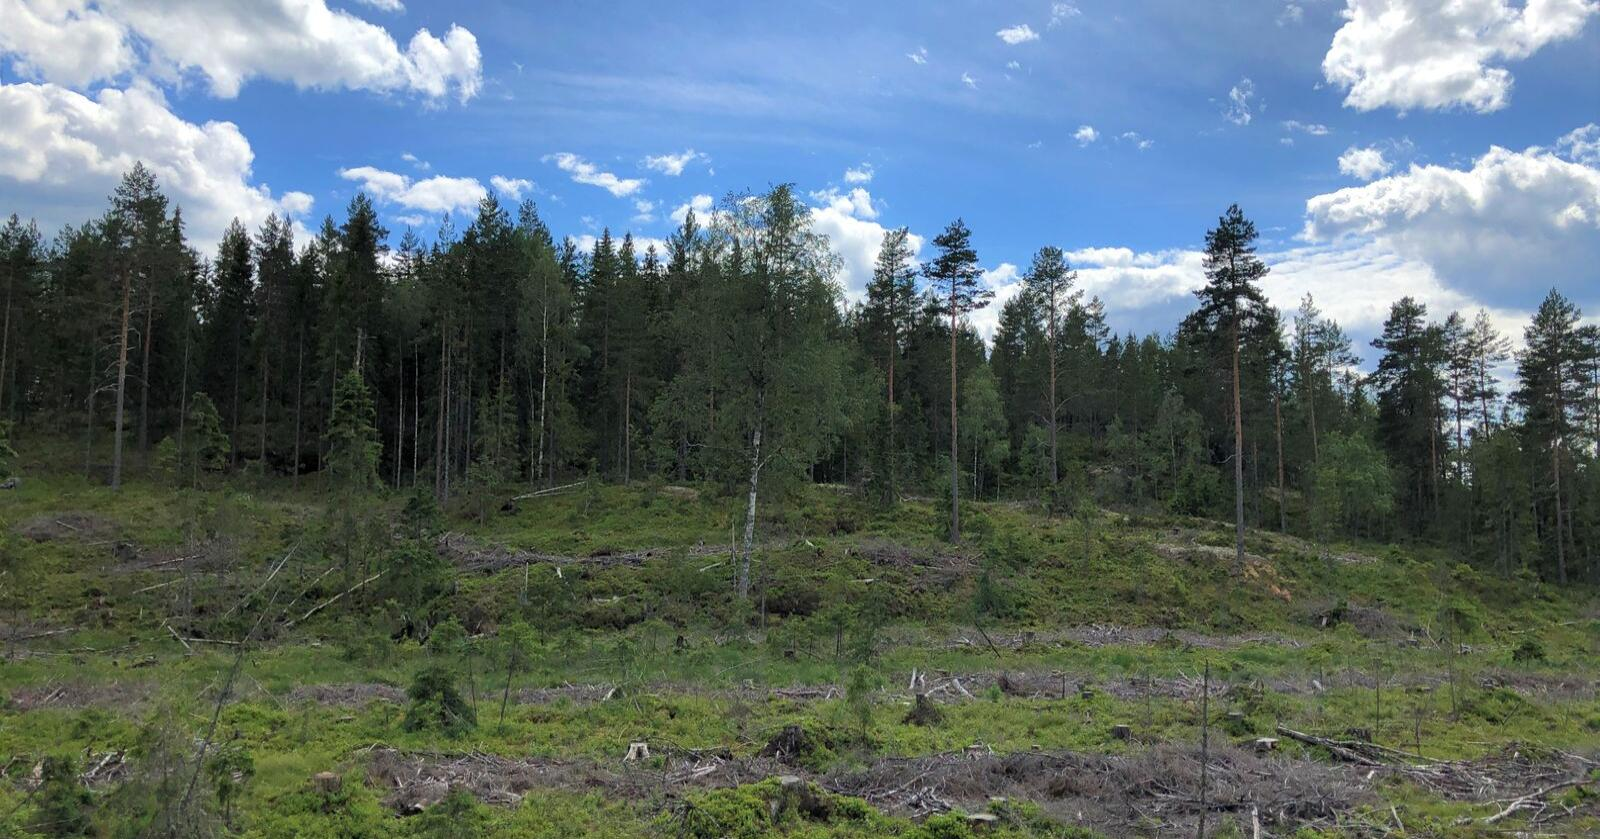 Ved en flatehogst hogges de fleste trærne på flata, deretter plantes det på nytt. Foto: Ida Aarø, Norges Skogeierforbund